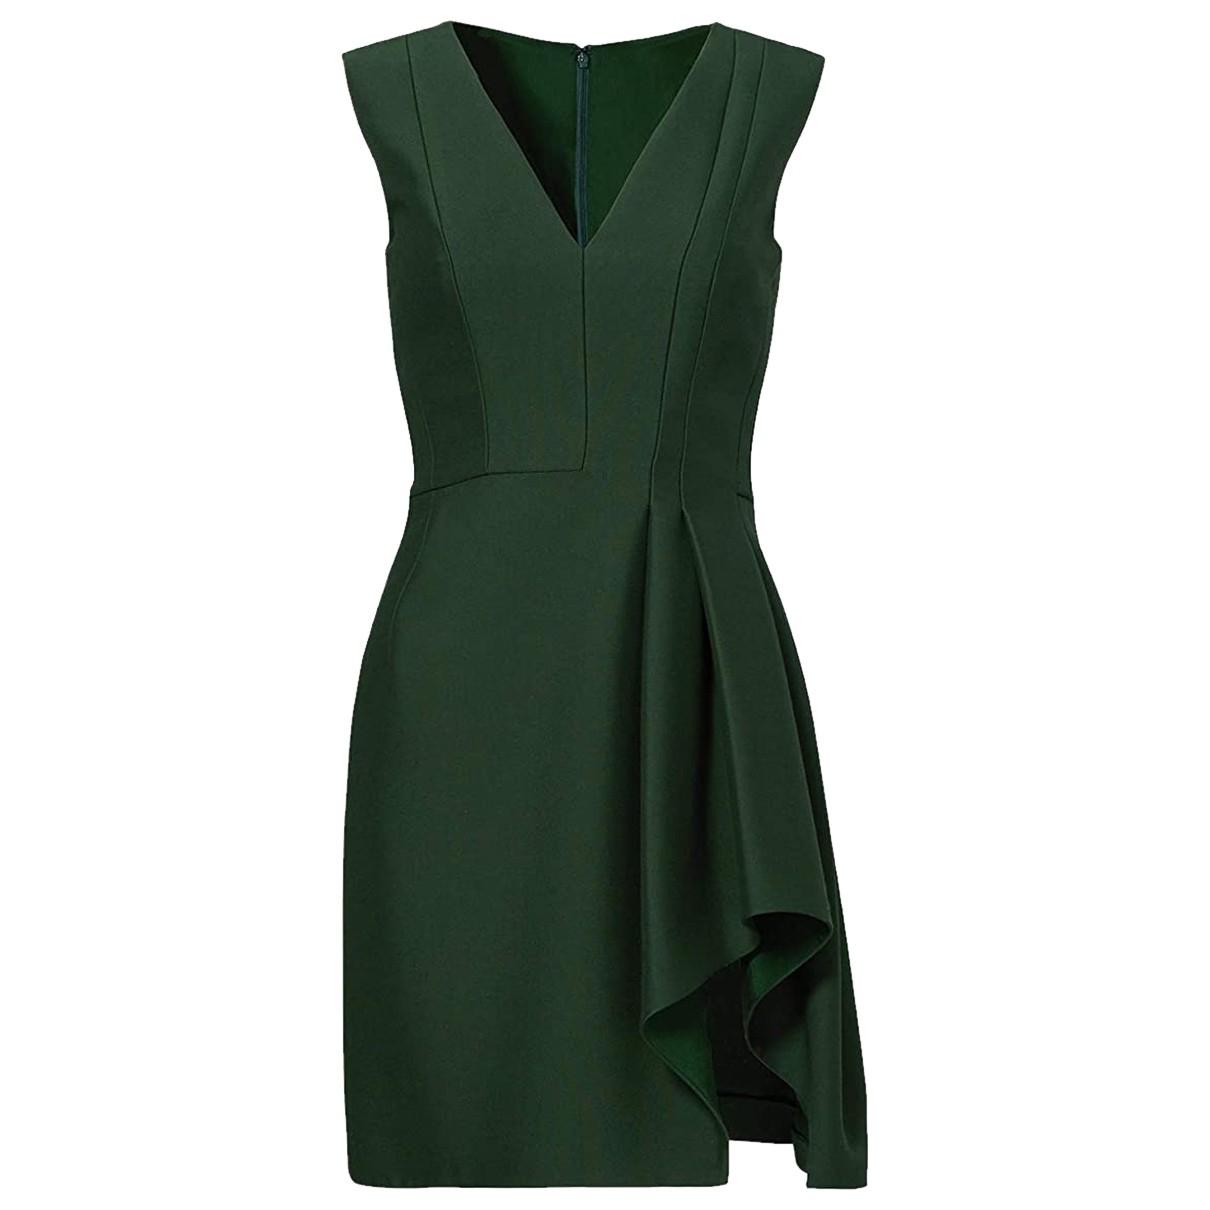 J.mendel \N Kleid in  Gruen Viskose